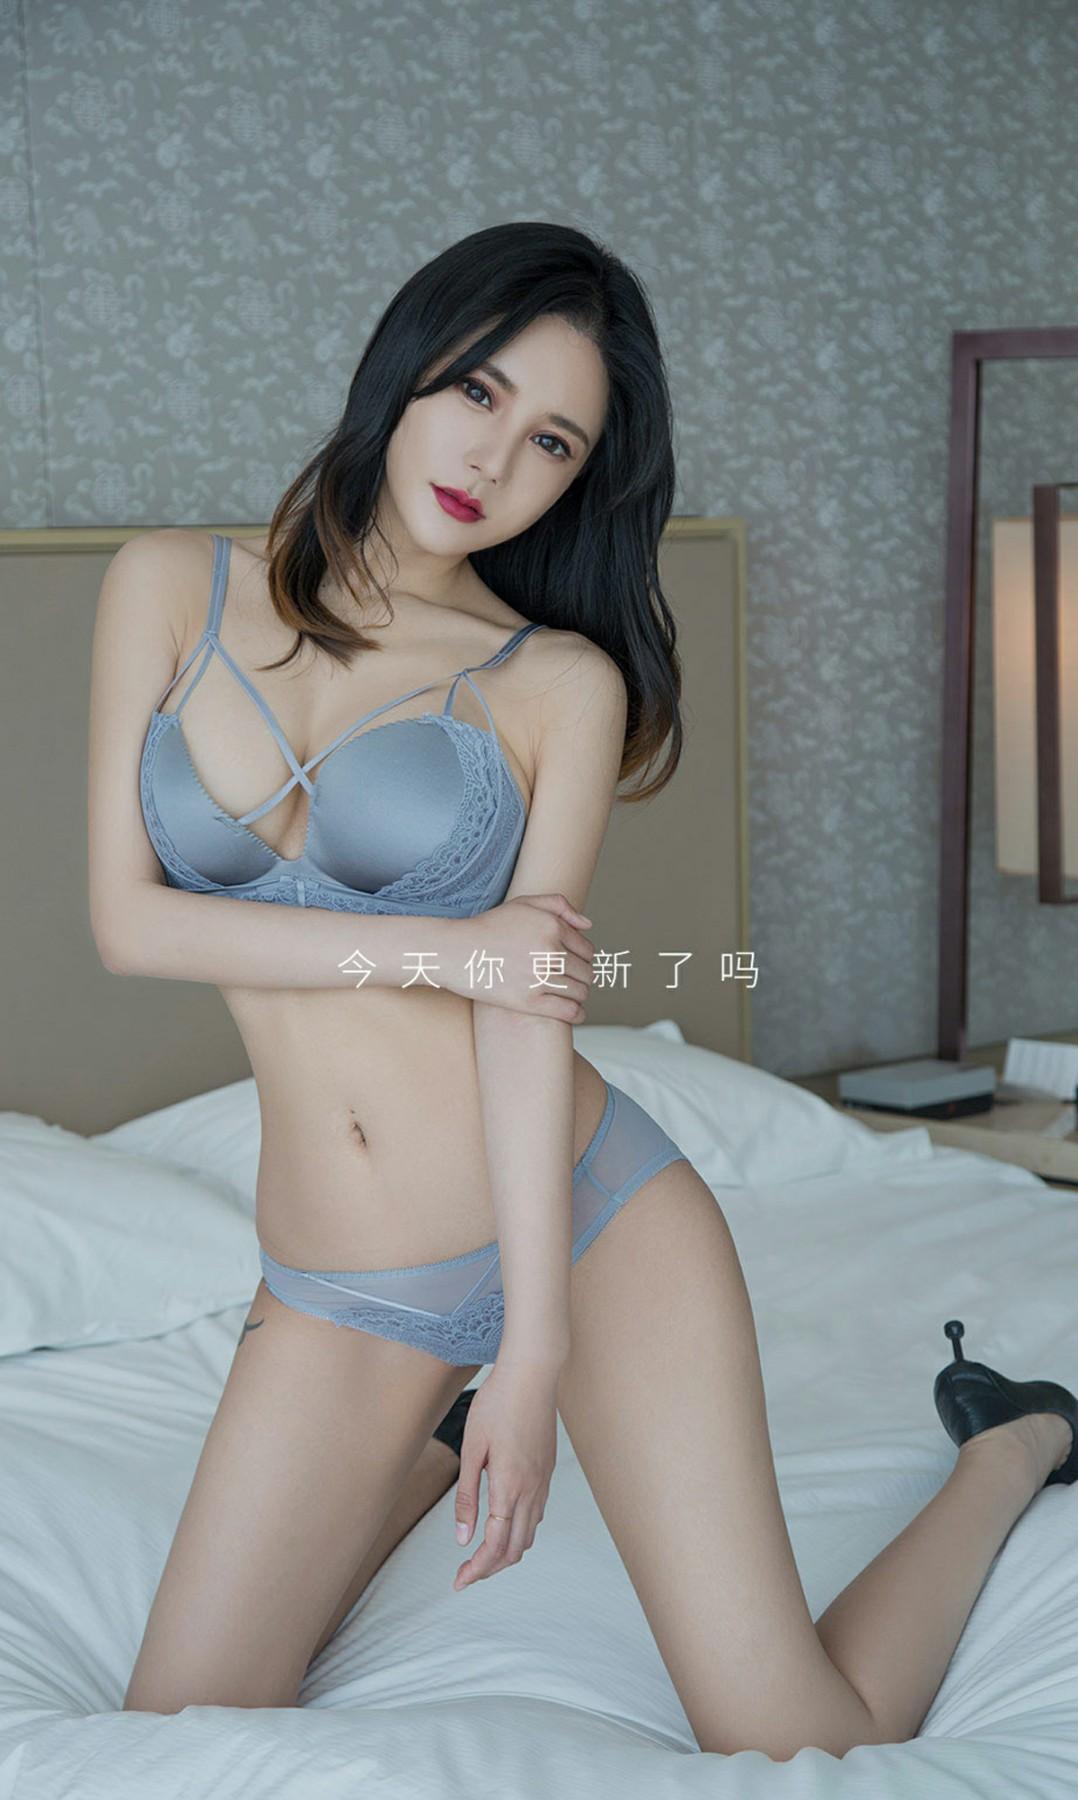 [Ugirls尤果网]爱尤物 2020.06.03 No.1836 王暖暖 日更之恋 第3张